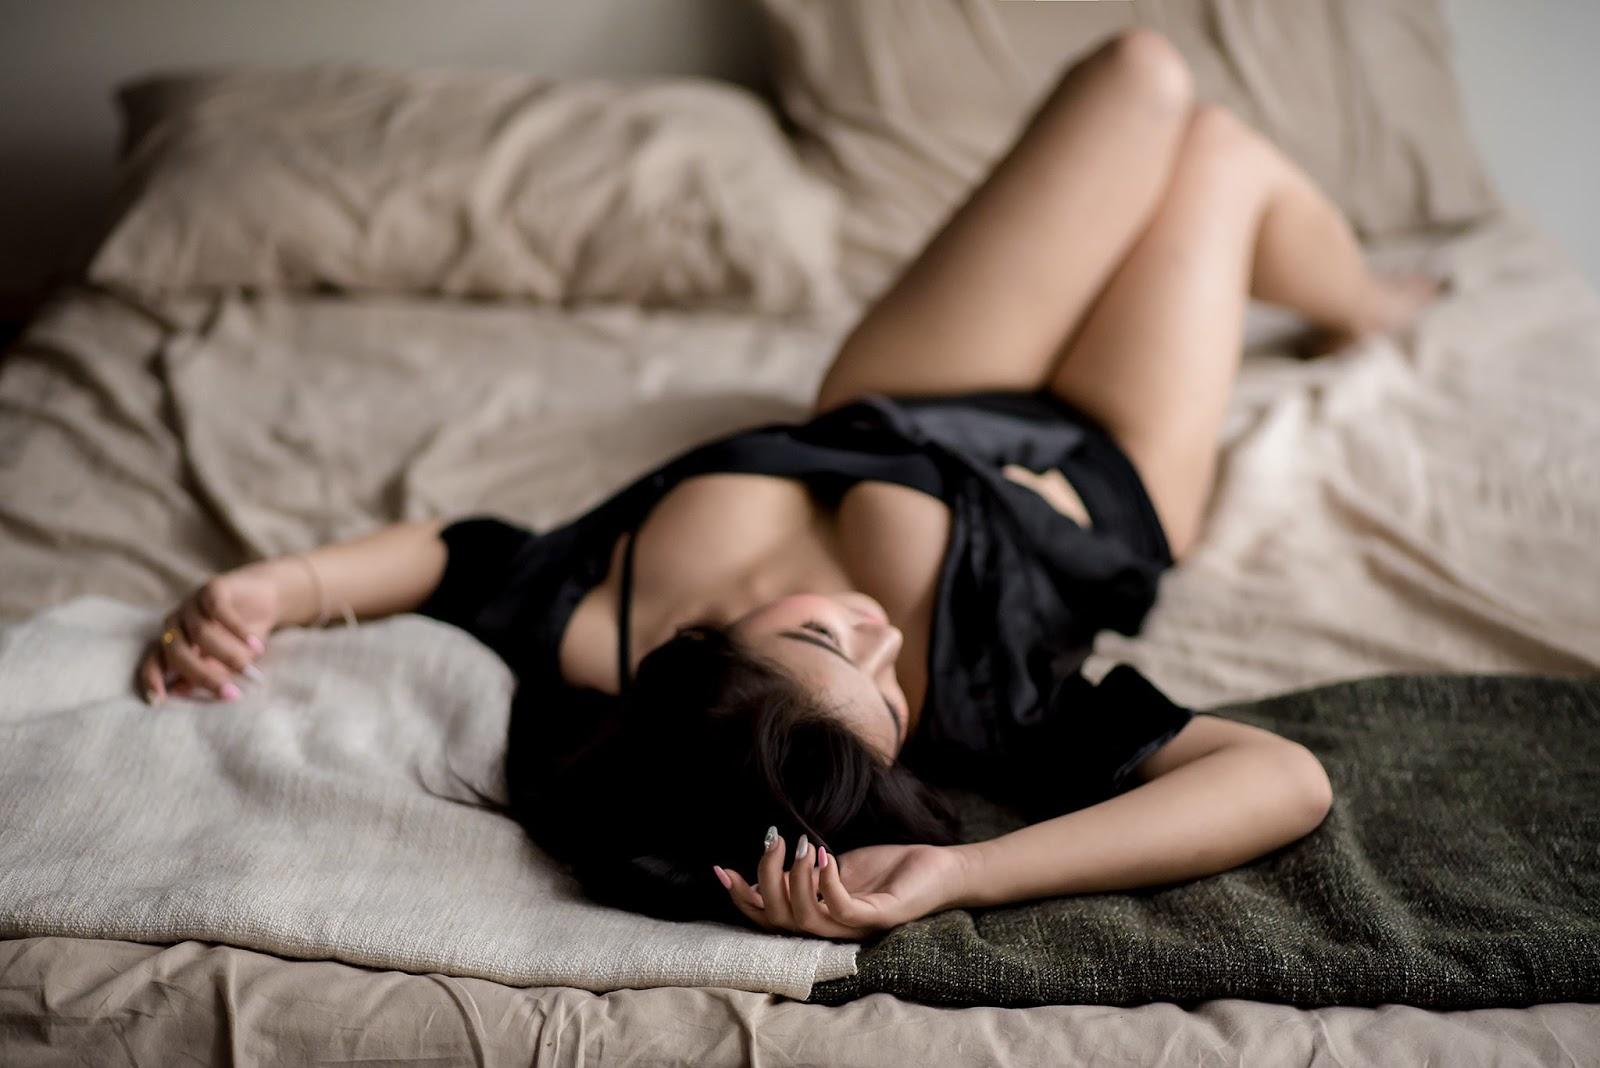 Фото ню девушки в красивых позах, Голые девушки в сексуальных позах (34 фото) 6 фотография